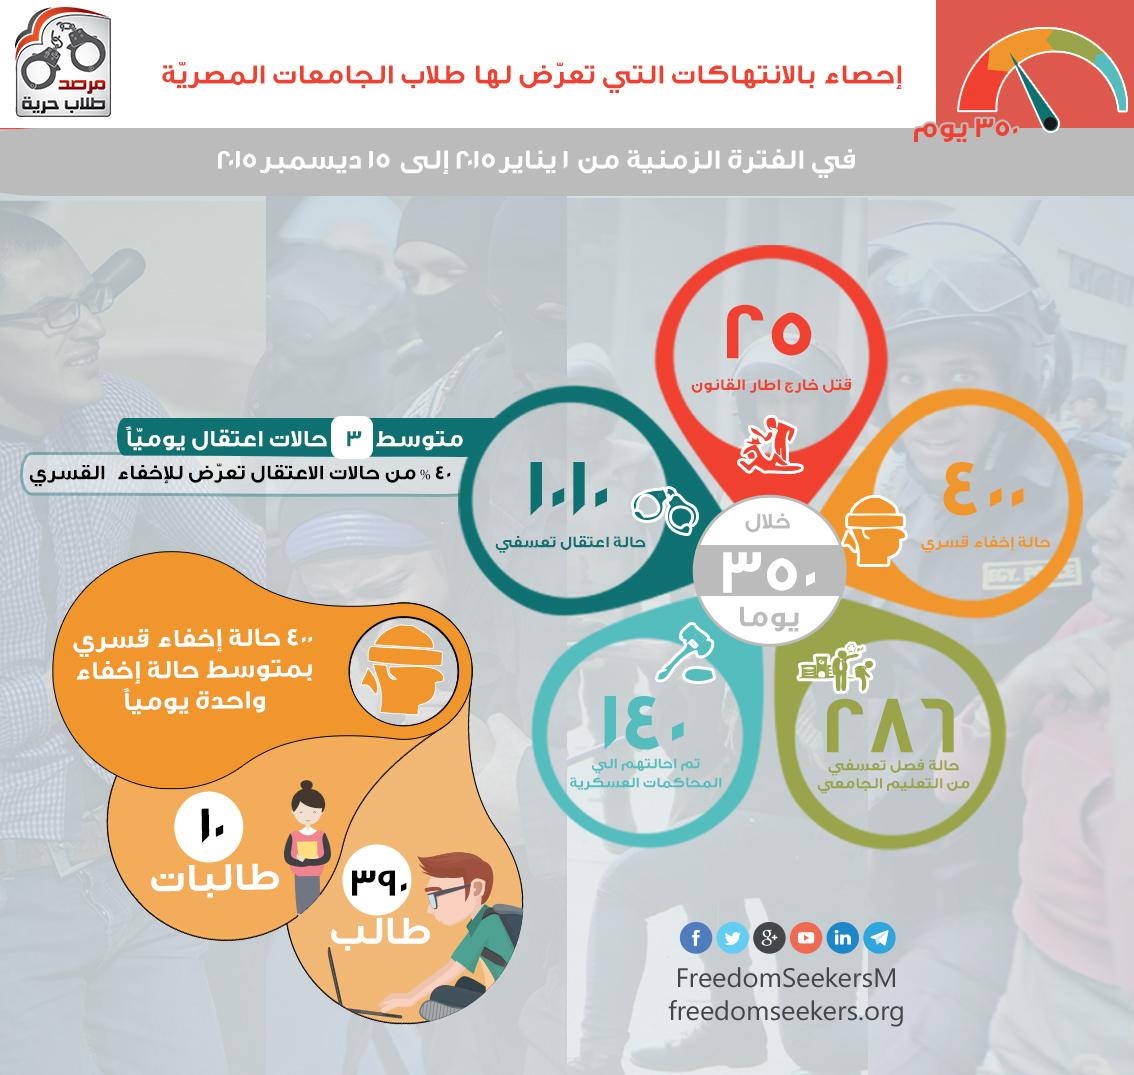 انفو جرافيك الانتهاكات بحق طلاب وطالبات الجامعات المصرية خلال عما 2015 الميلادي